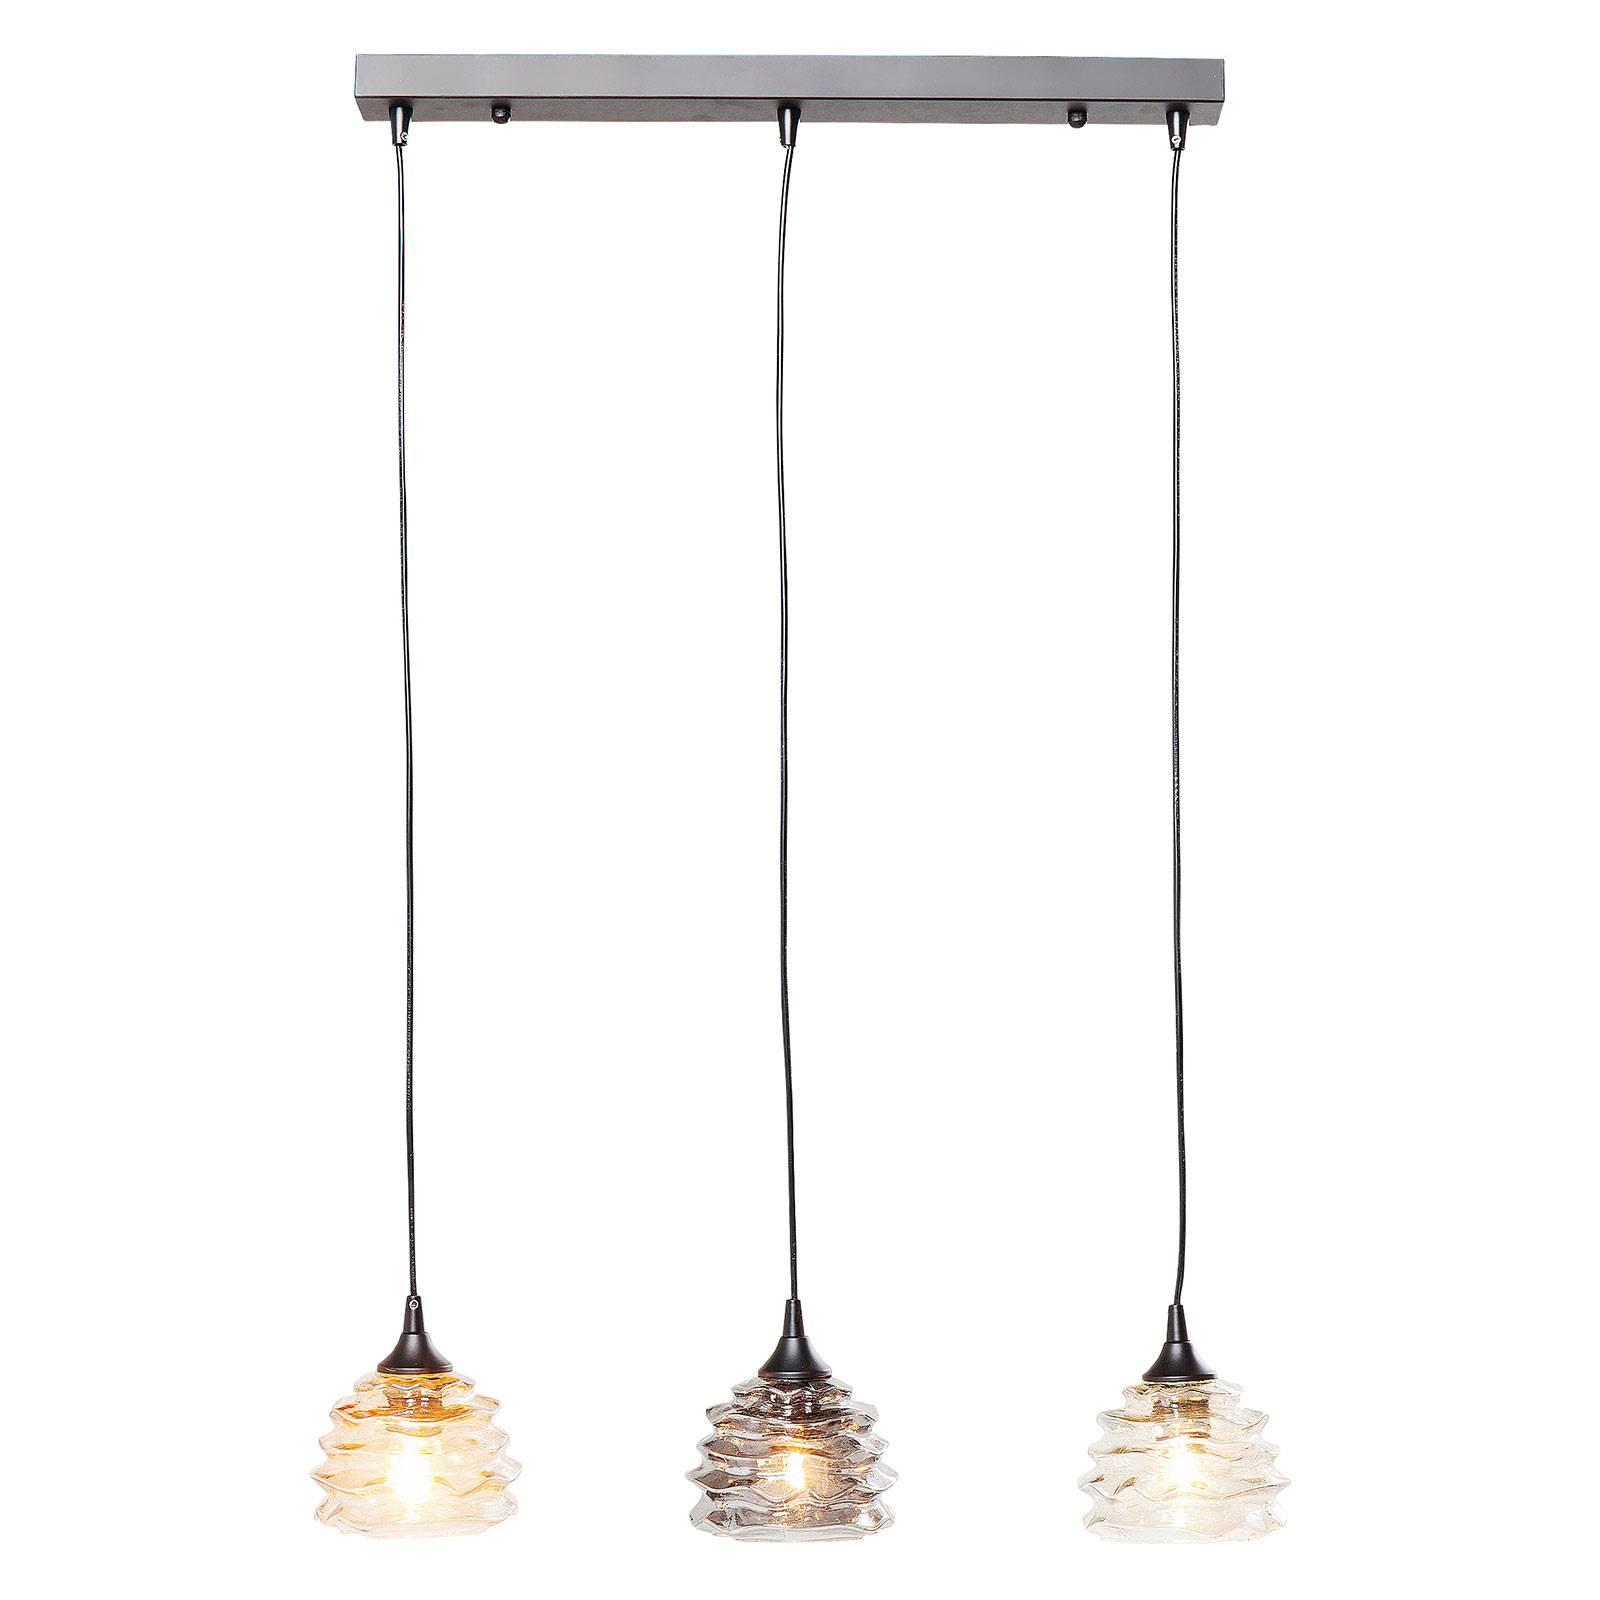 KARE Ruffle Dining Visible-riippuvalo 3-lamppuinen